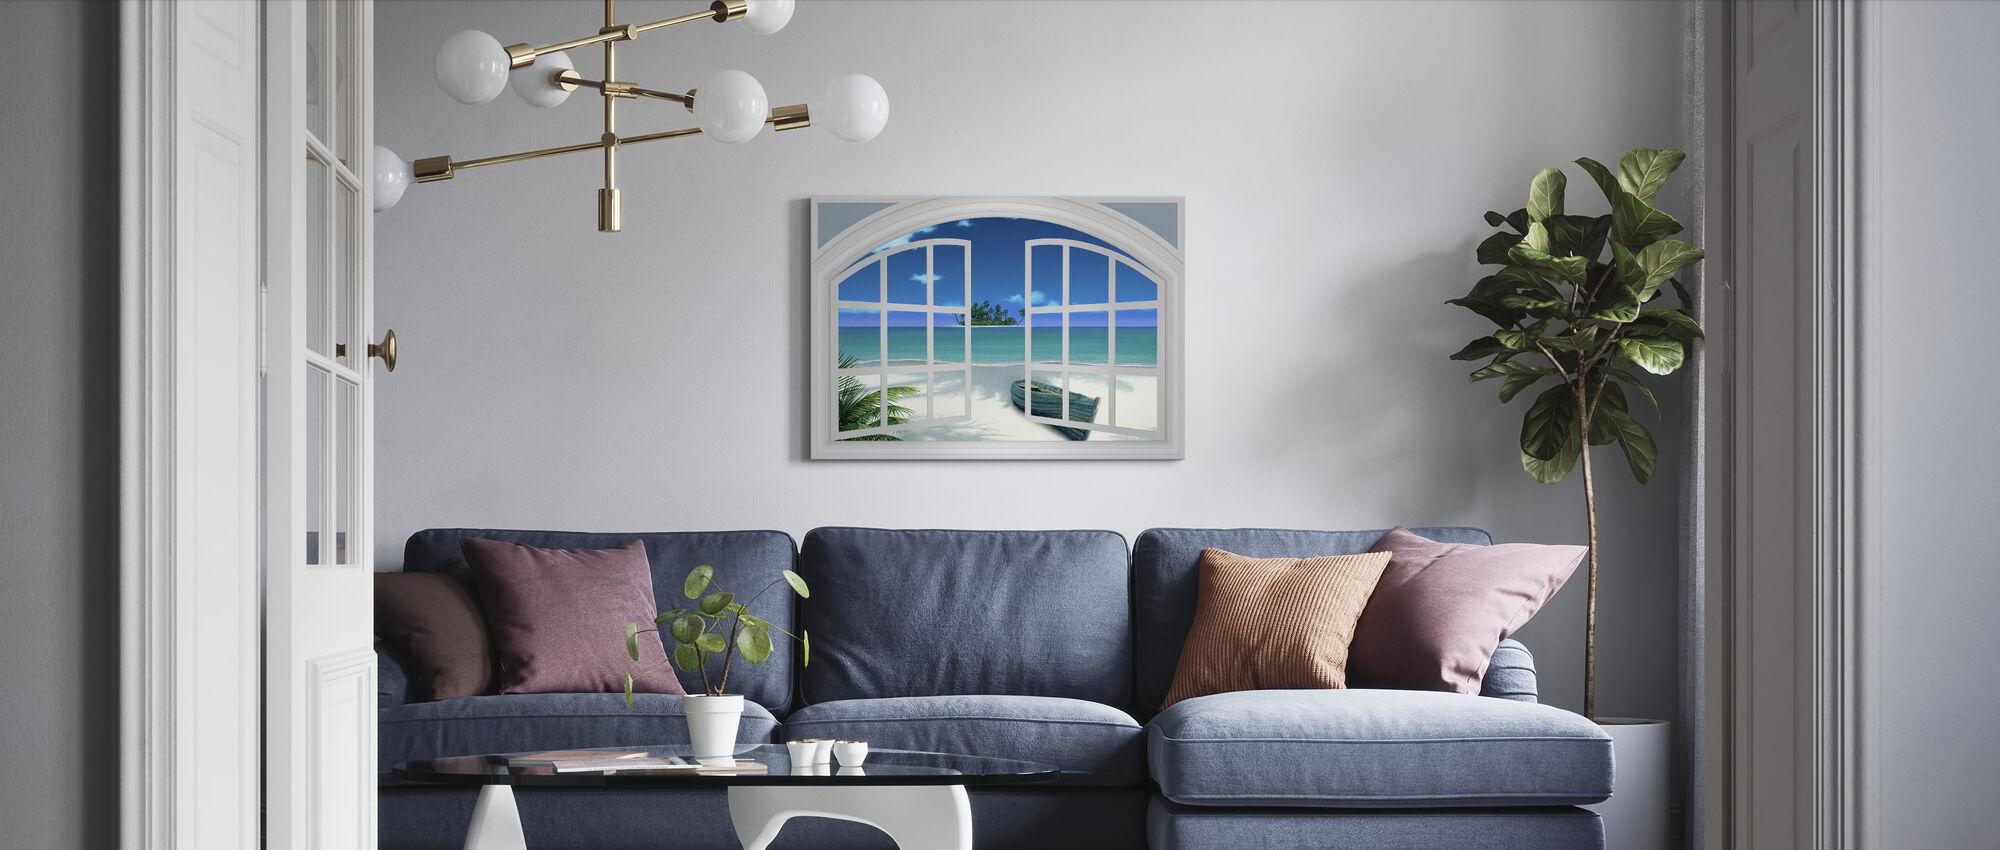 Utsikt over stranden gjennom vinduet - Lerretsbilde - Stue